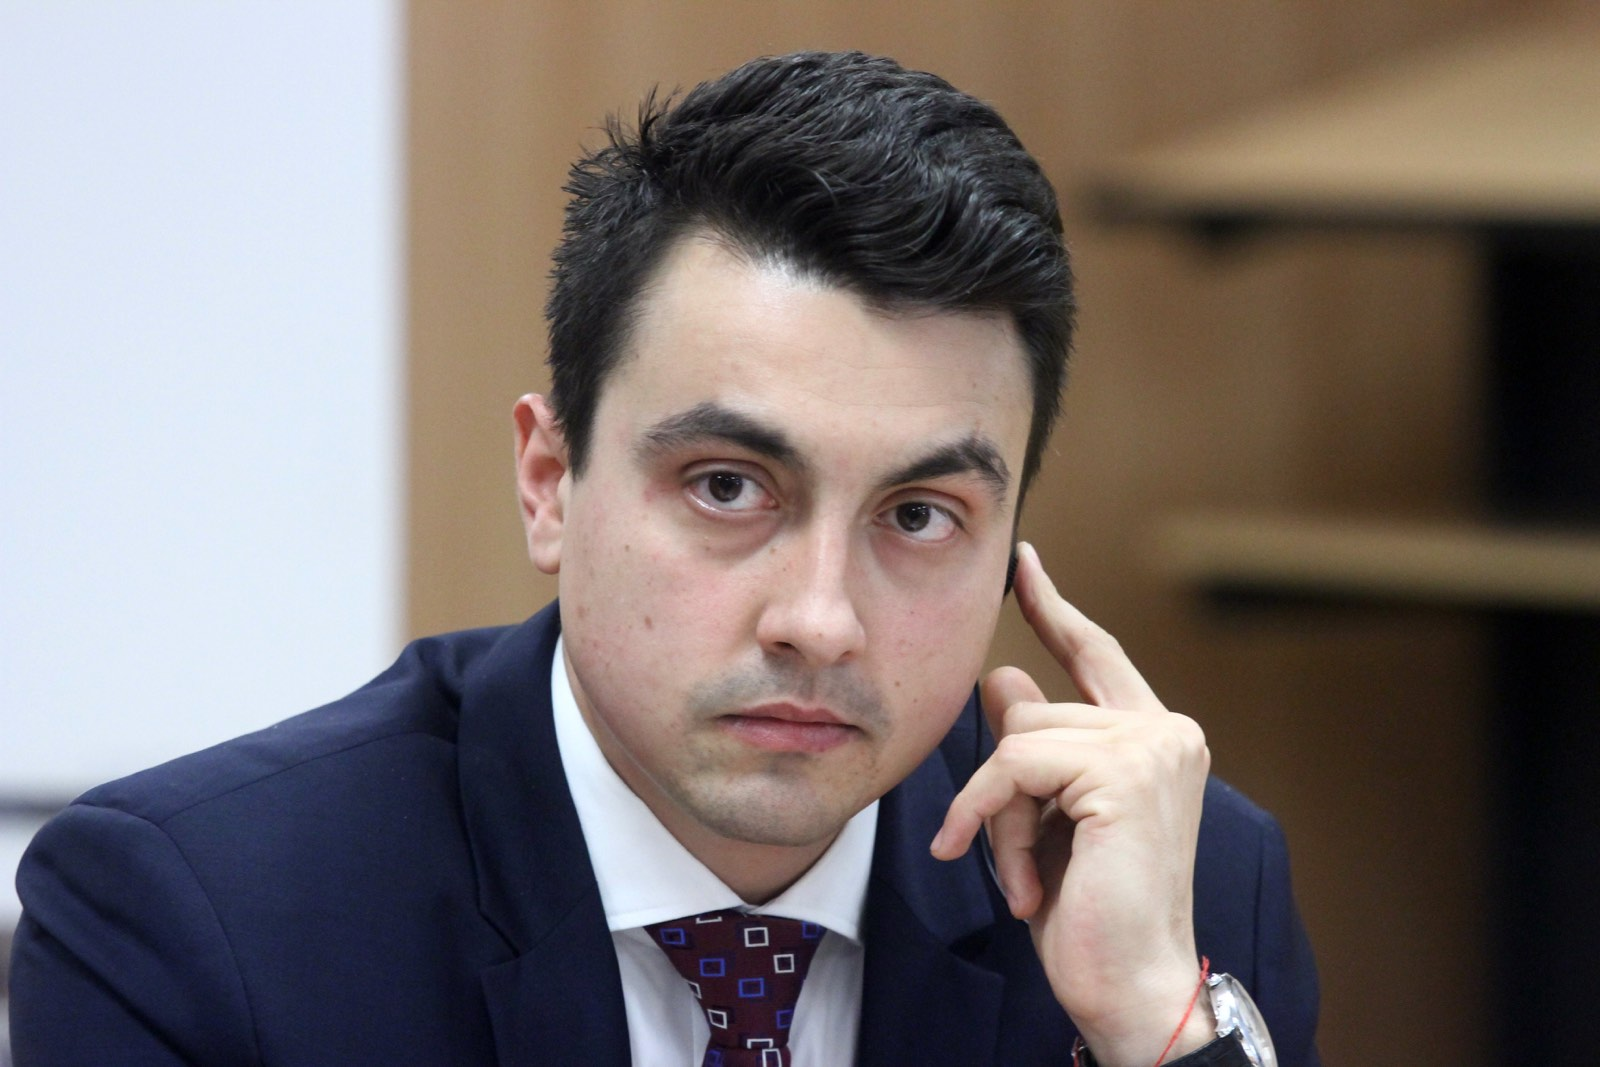 Момчил Неков: Следващият председател на БСП трябва да води сплотяваща политика